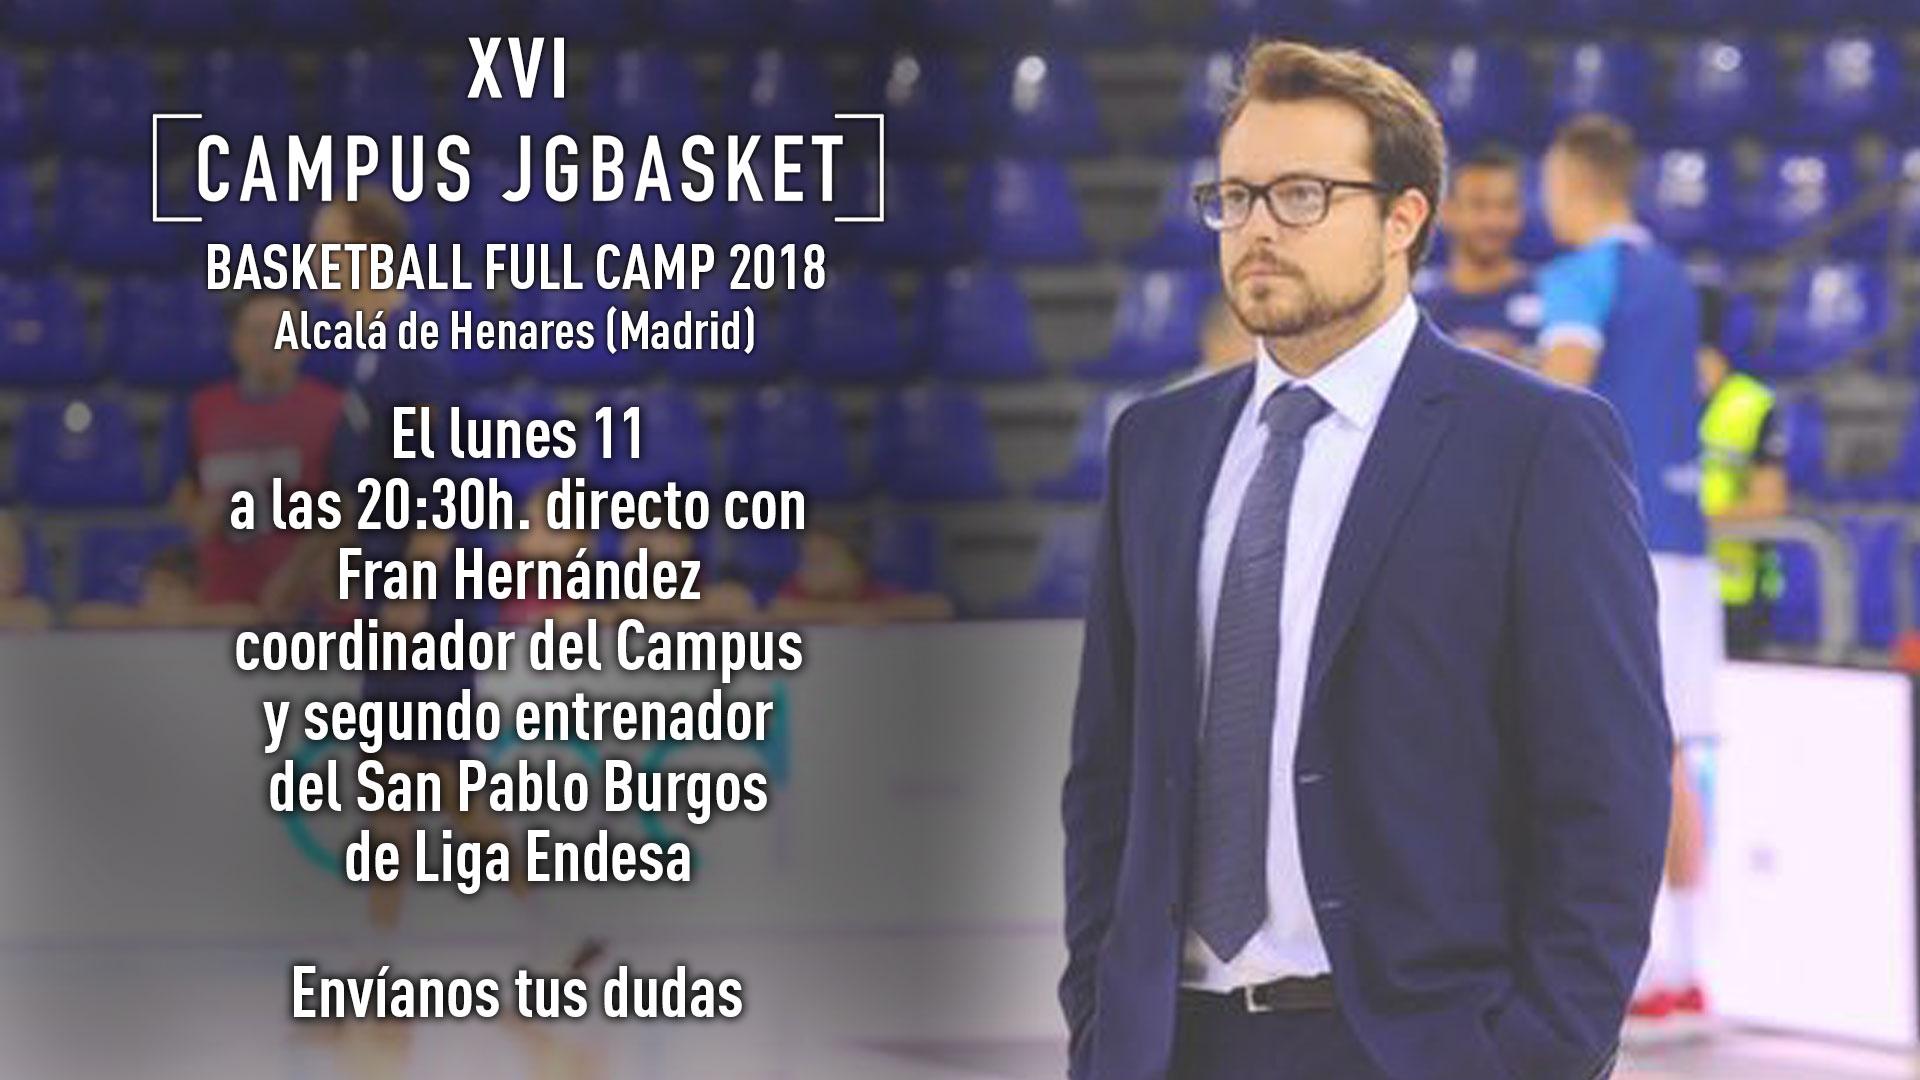 Lunes 11 Junio. 20:30h Directo con Fran Hernández, coordinador Campus JGBasket